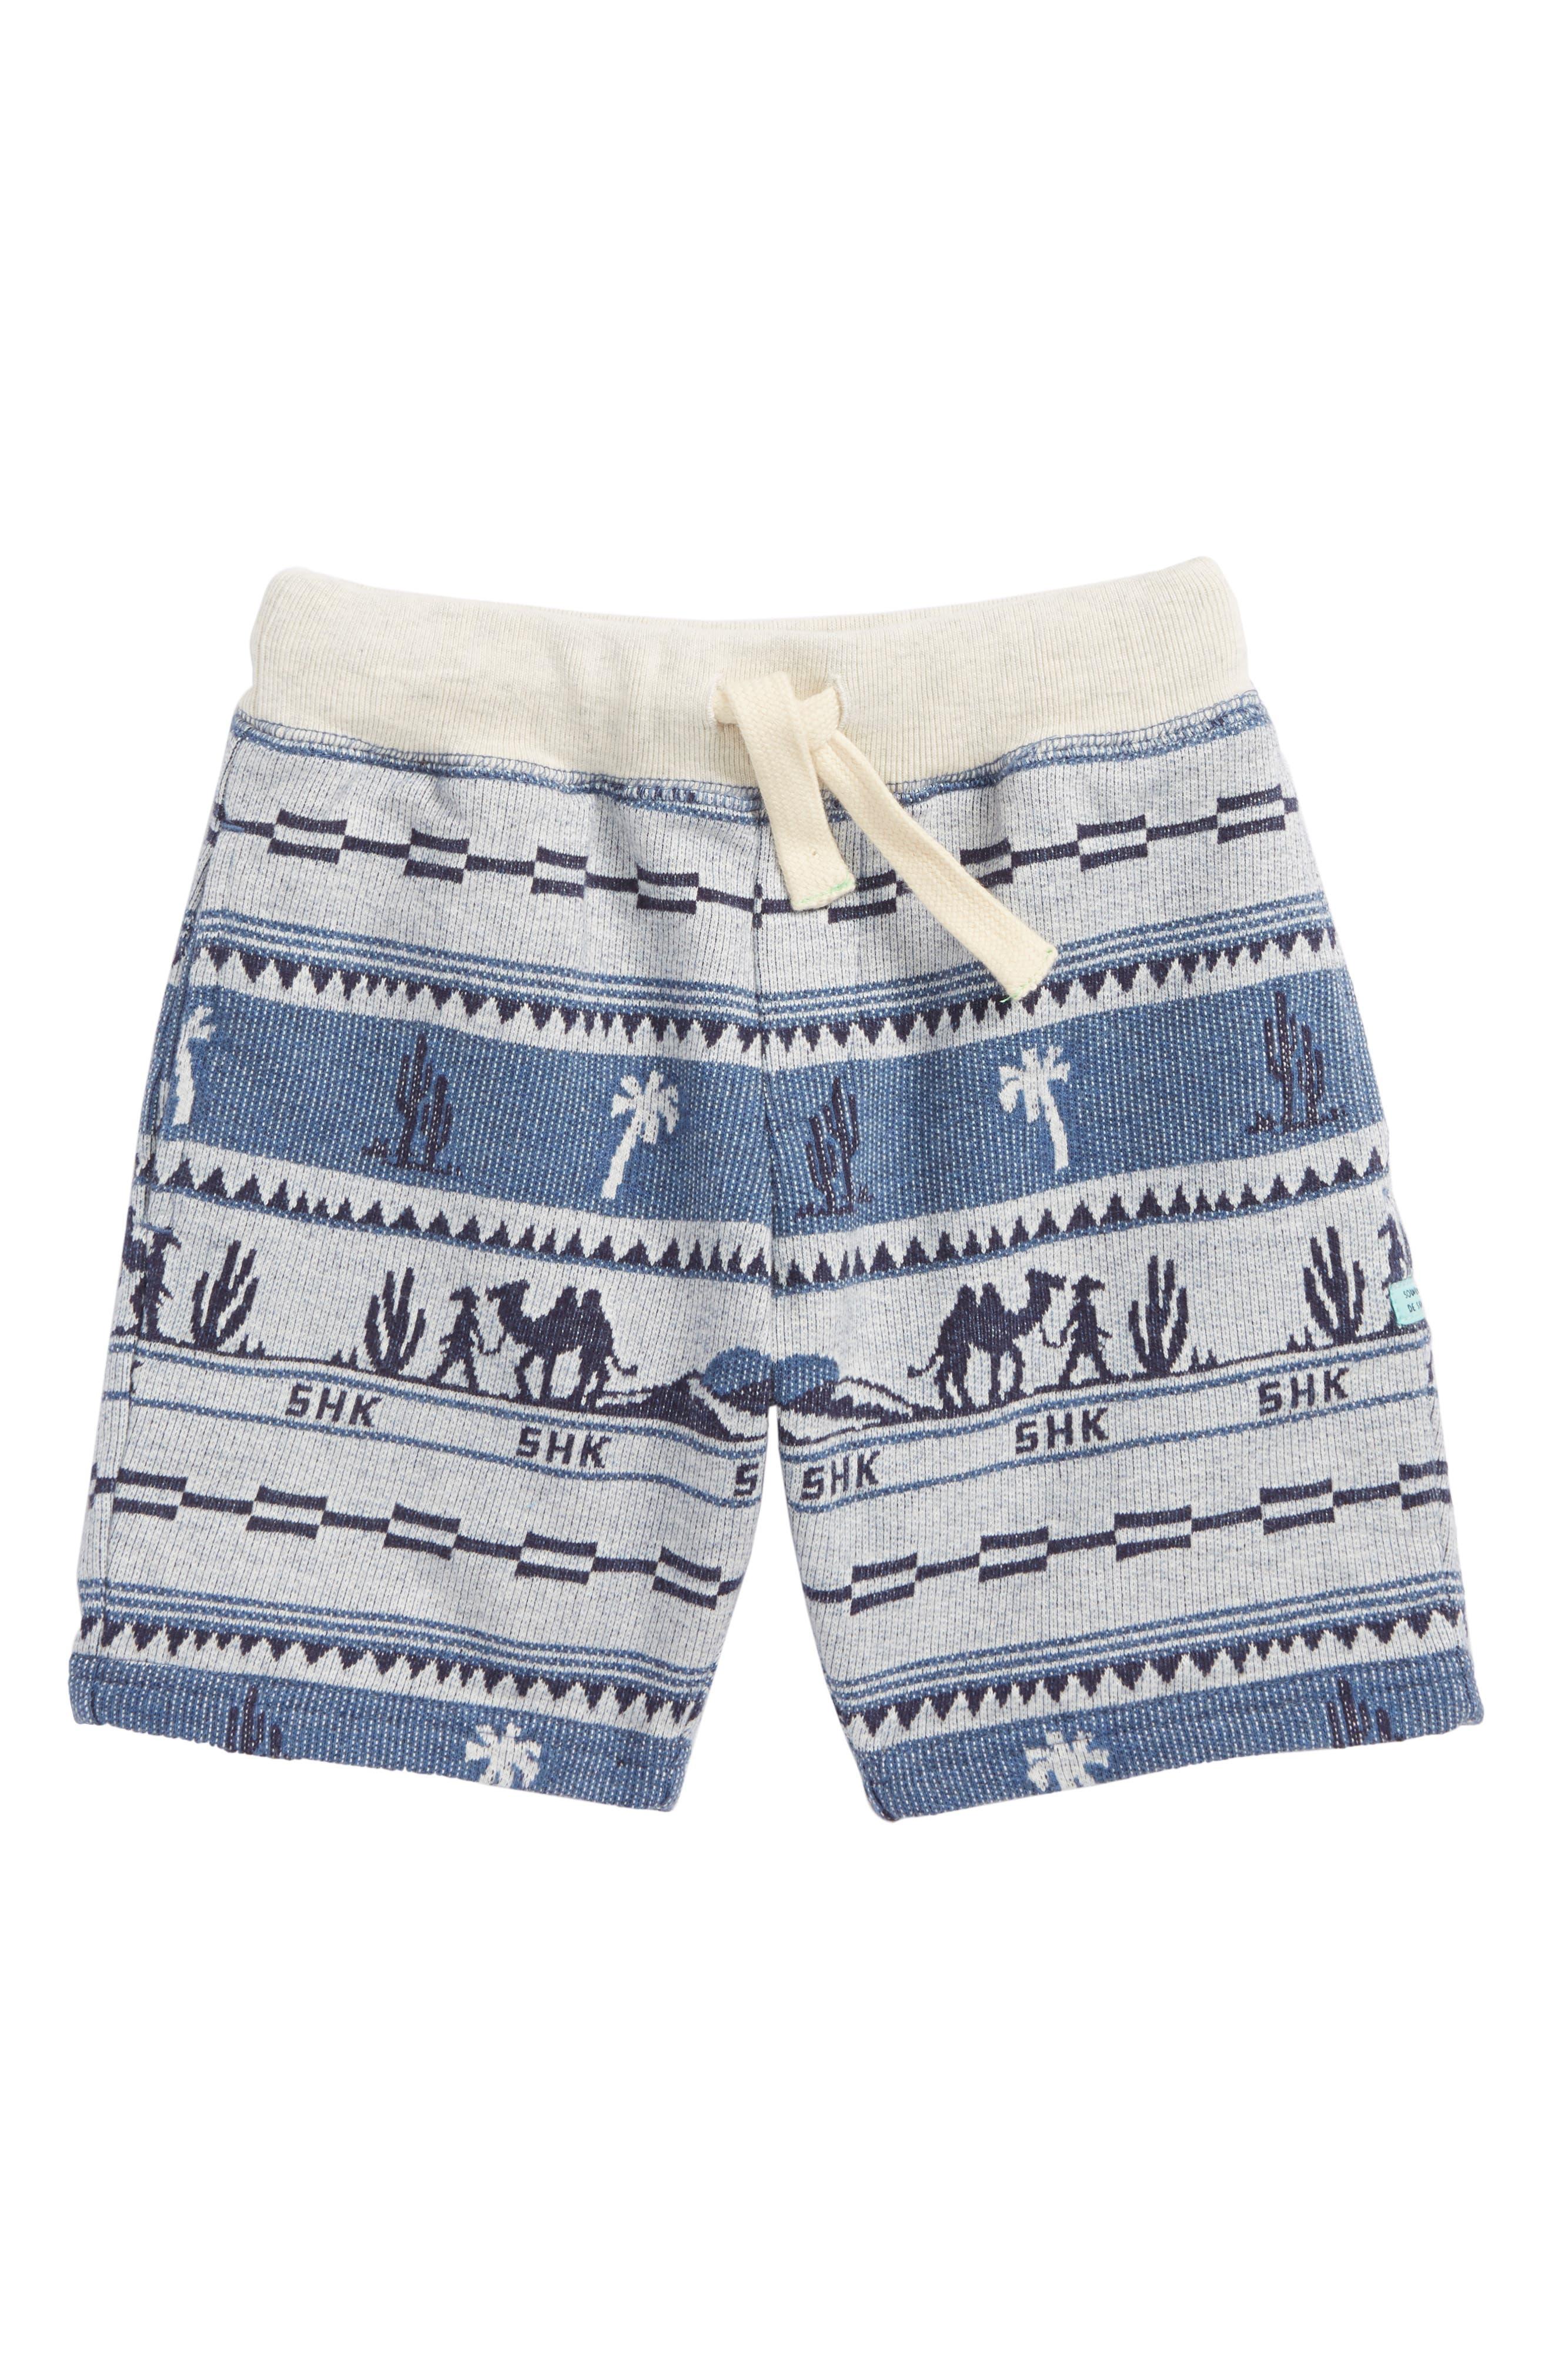 Print Knit Shorts,                             Main thumbnail 1, color,                             Blue